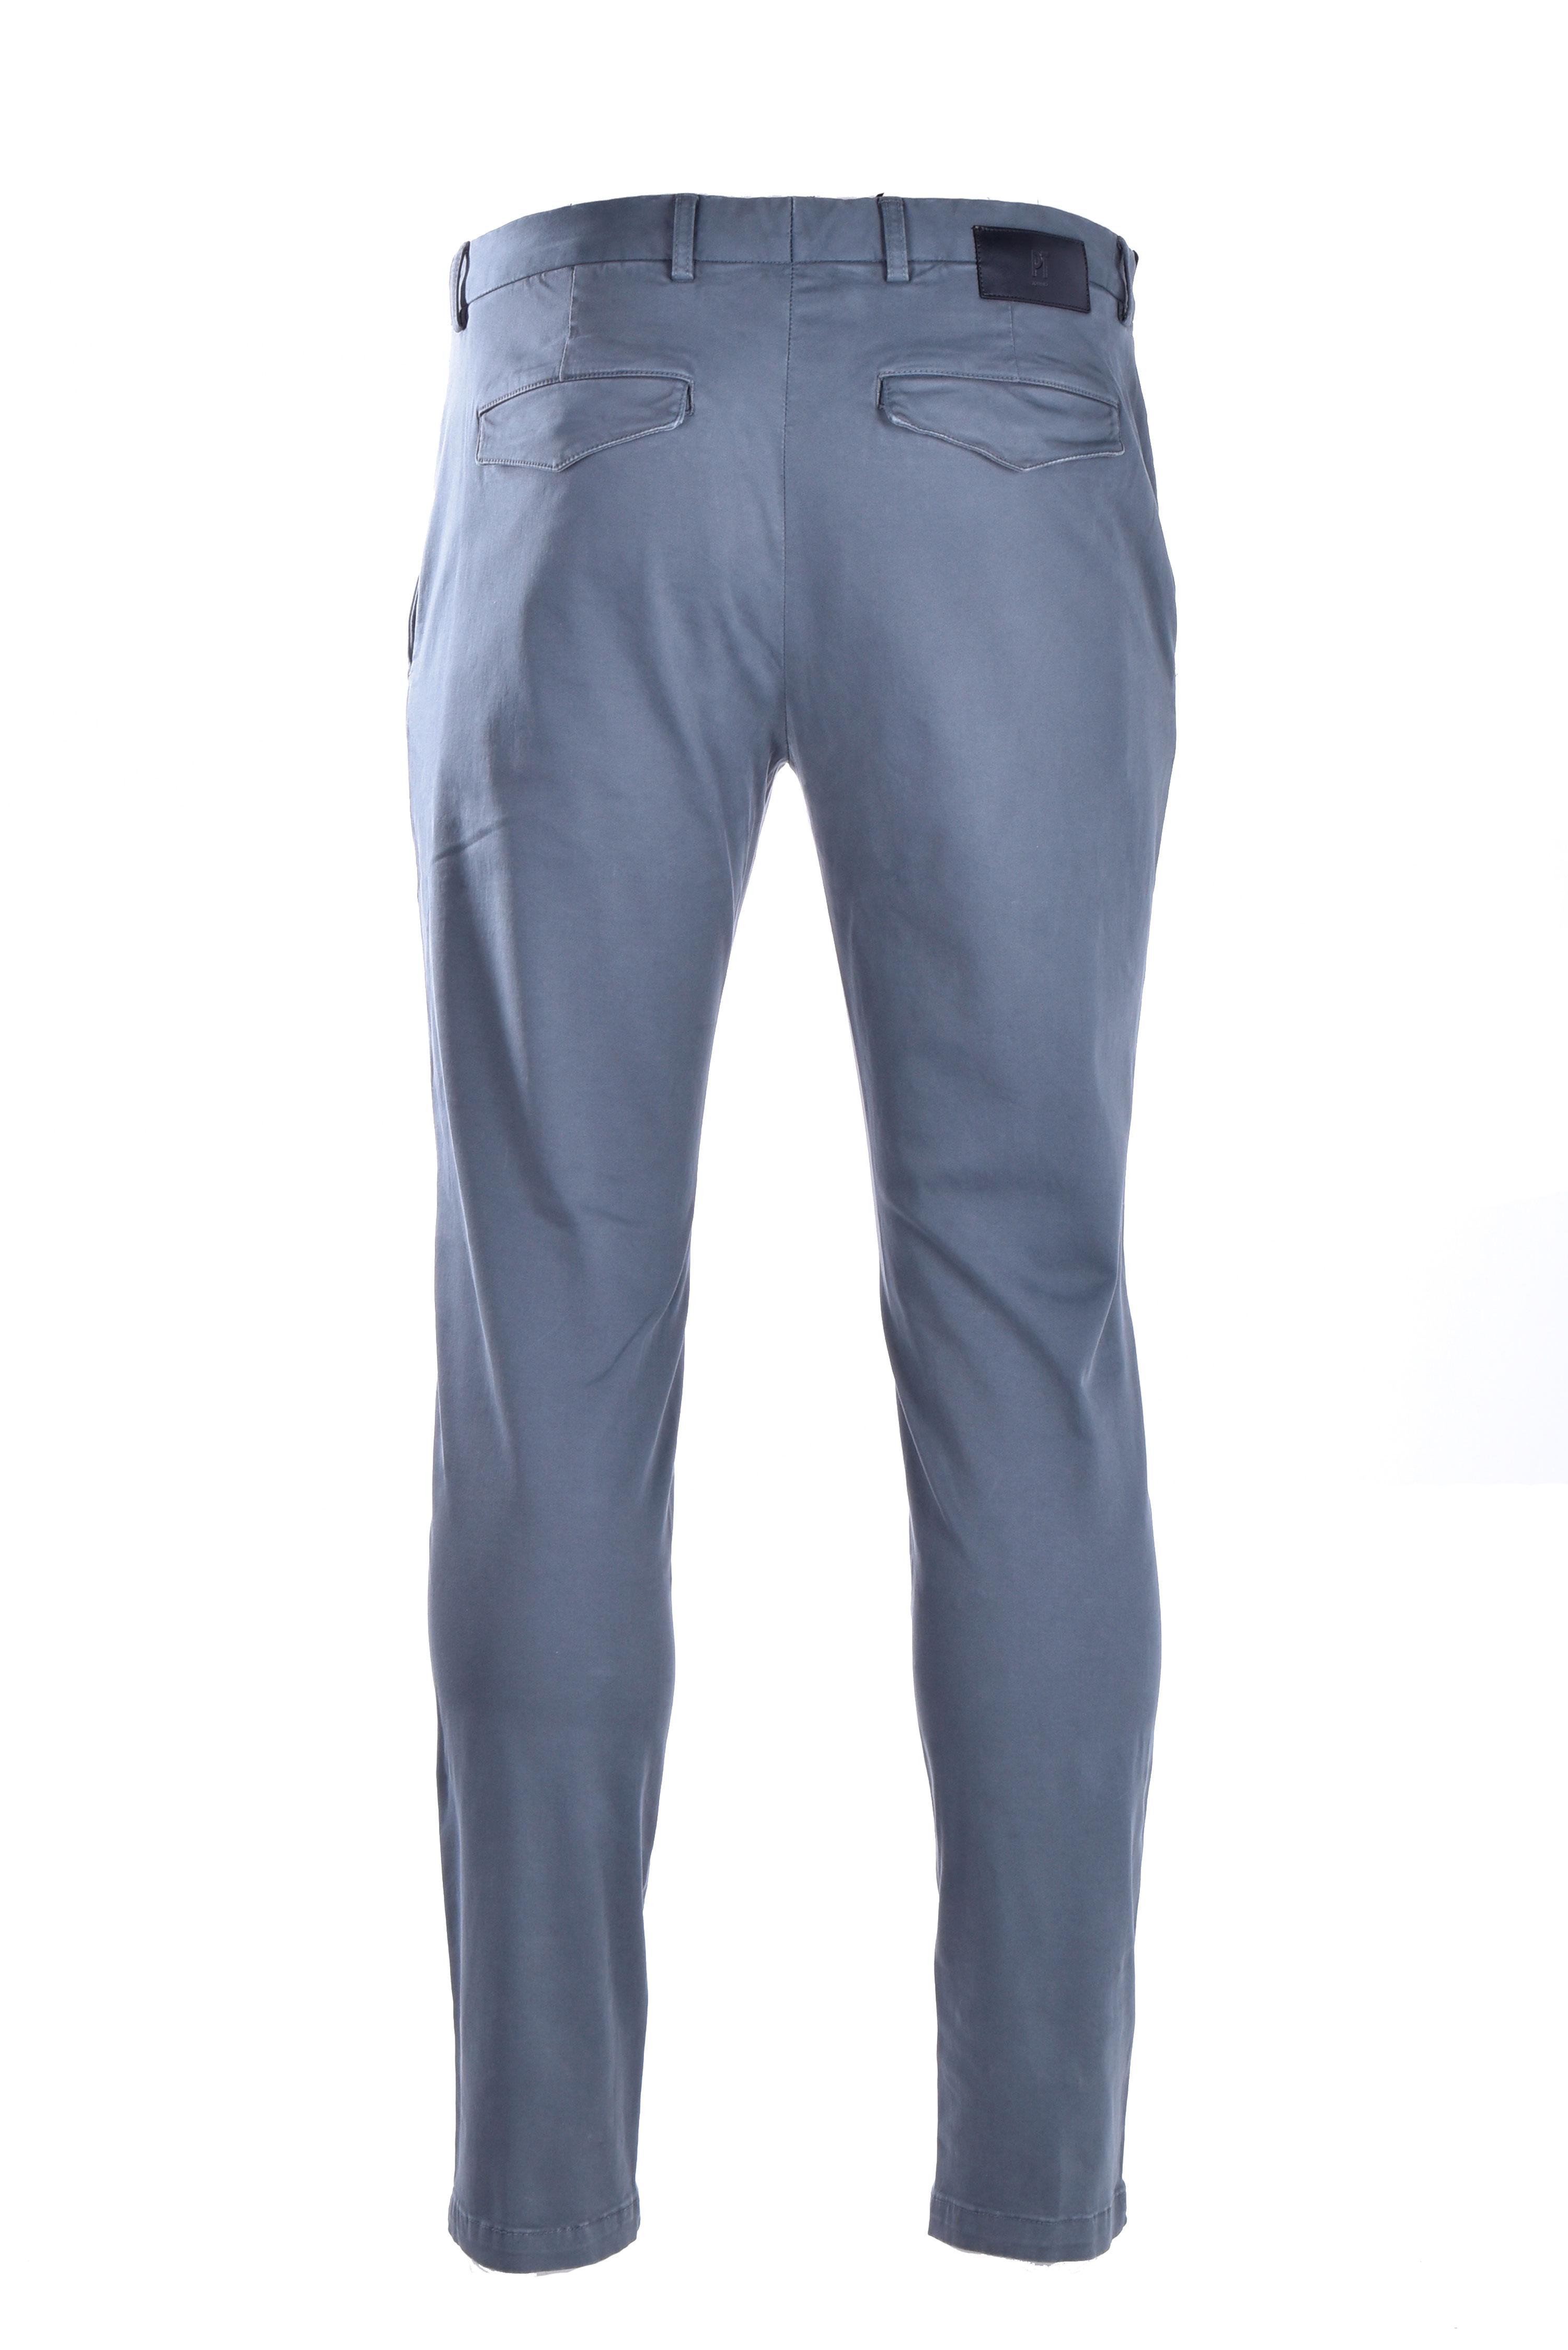 jeans tinto graven - grey PT TORINO | Jeans | C5-NT01Z00CHN-NK050240